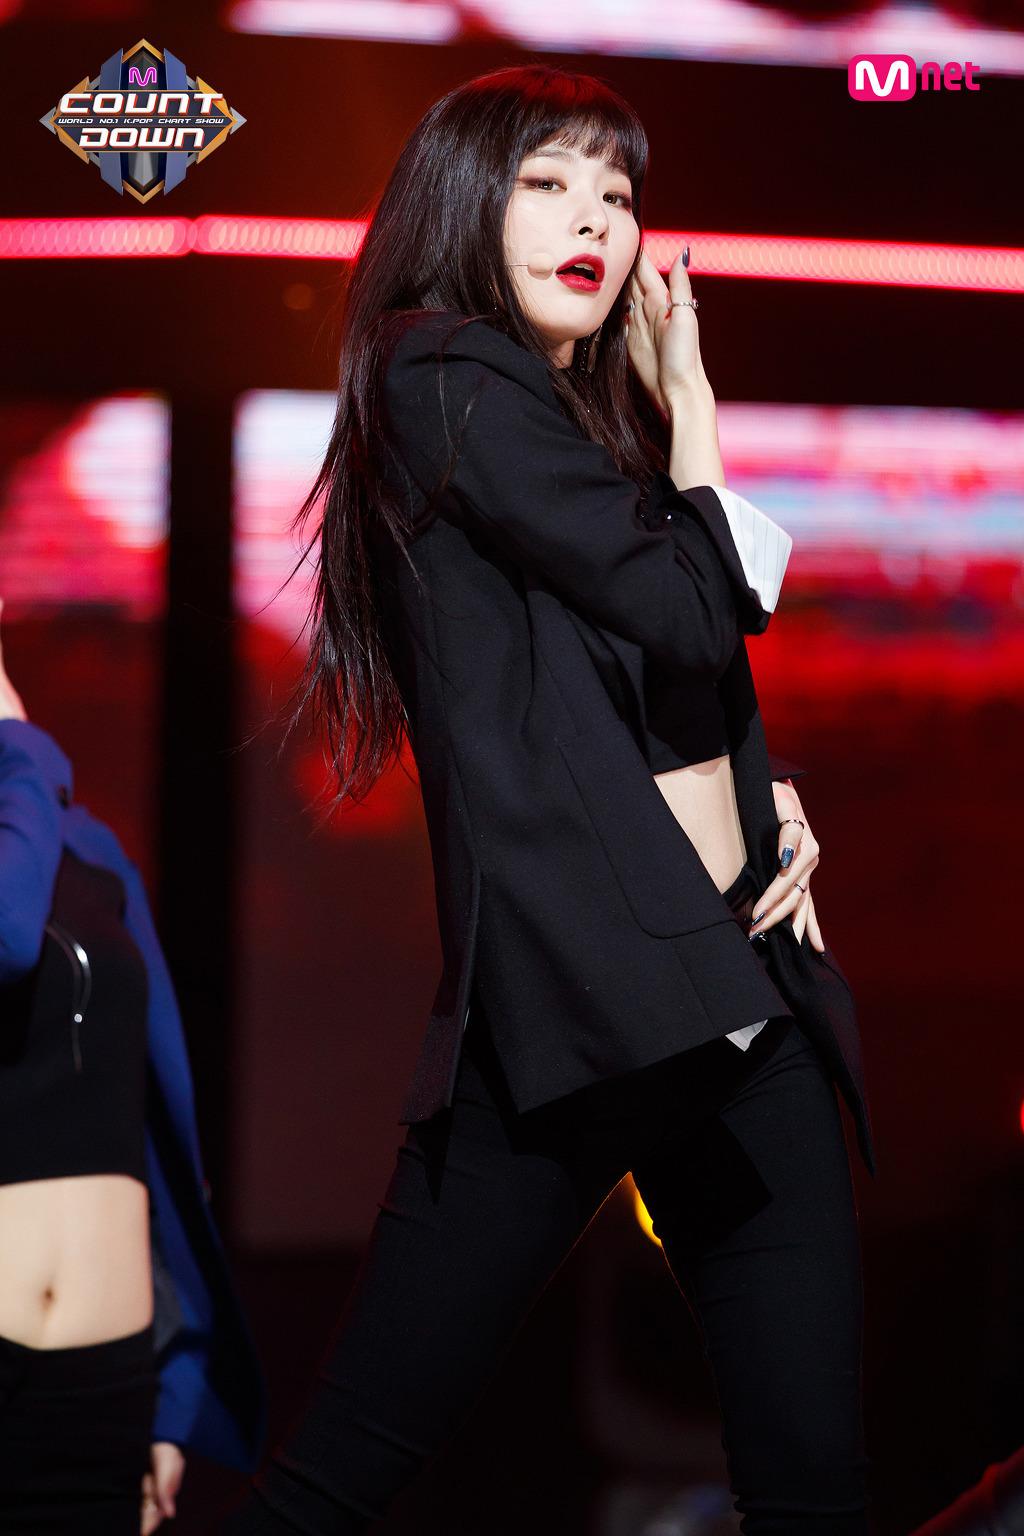 사무대의상으로 구찌 입은 레드벨벳 슬기 - 꾸르